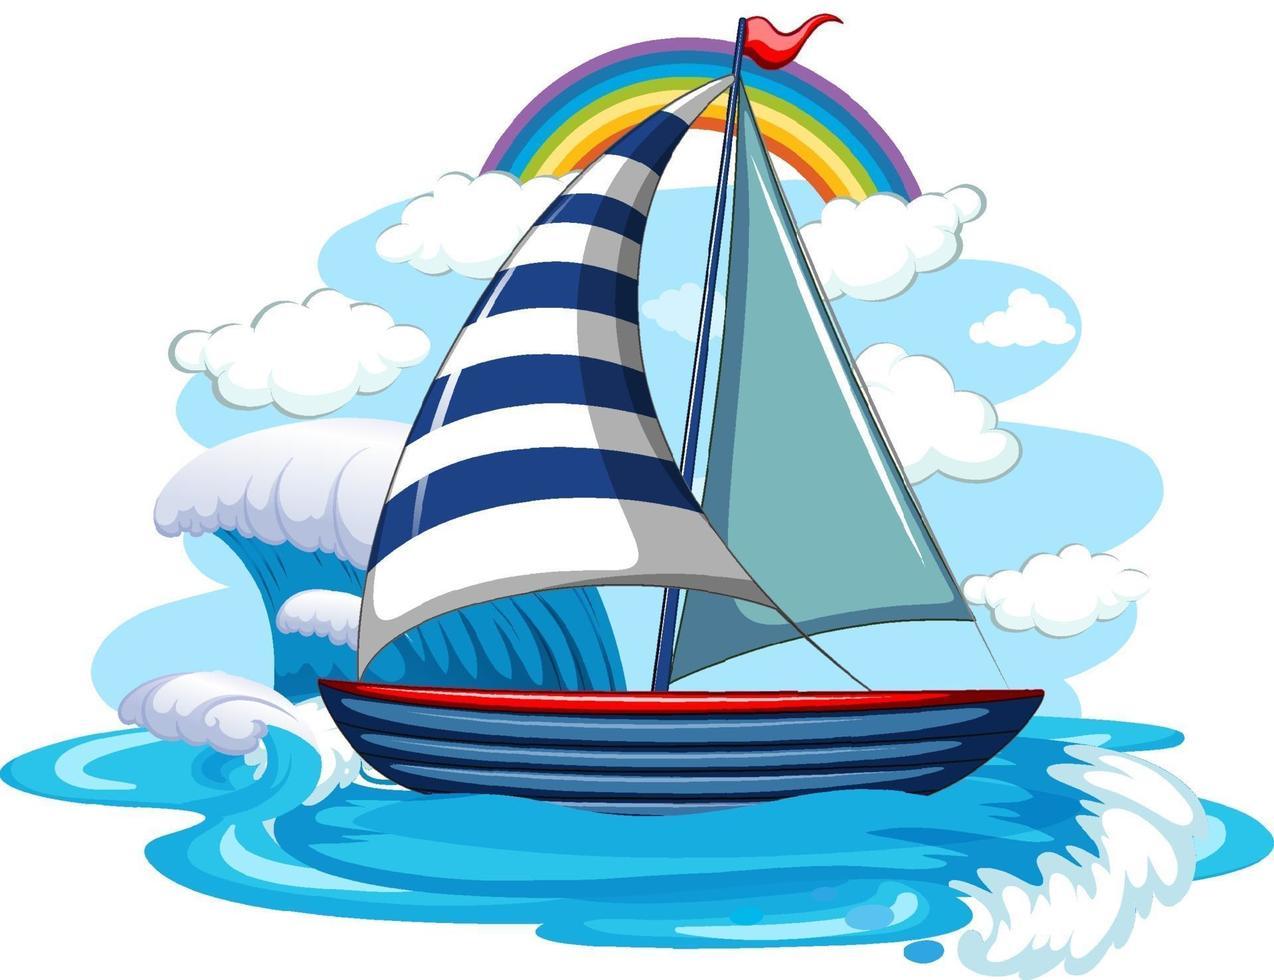 ein Segelboot auf Wasserwellen lokalisiert auf weißem Hintergrund vektor